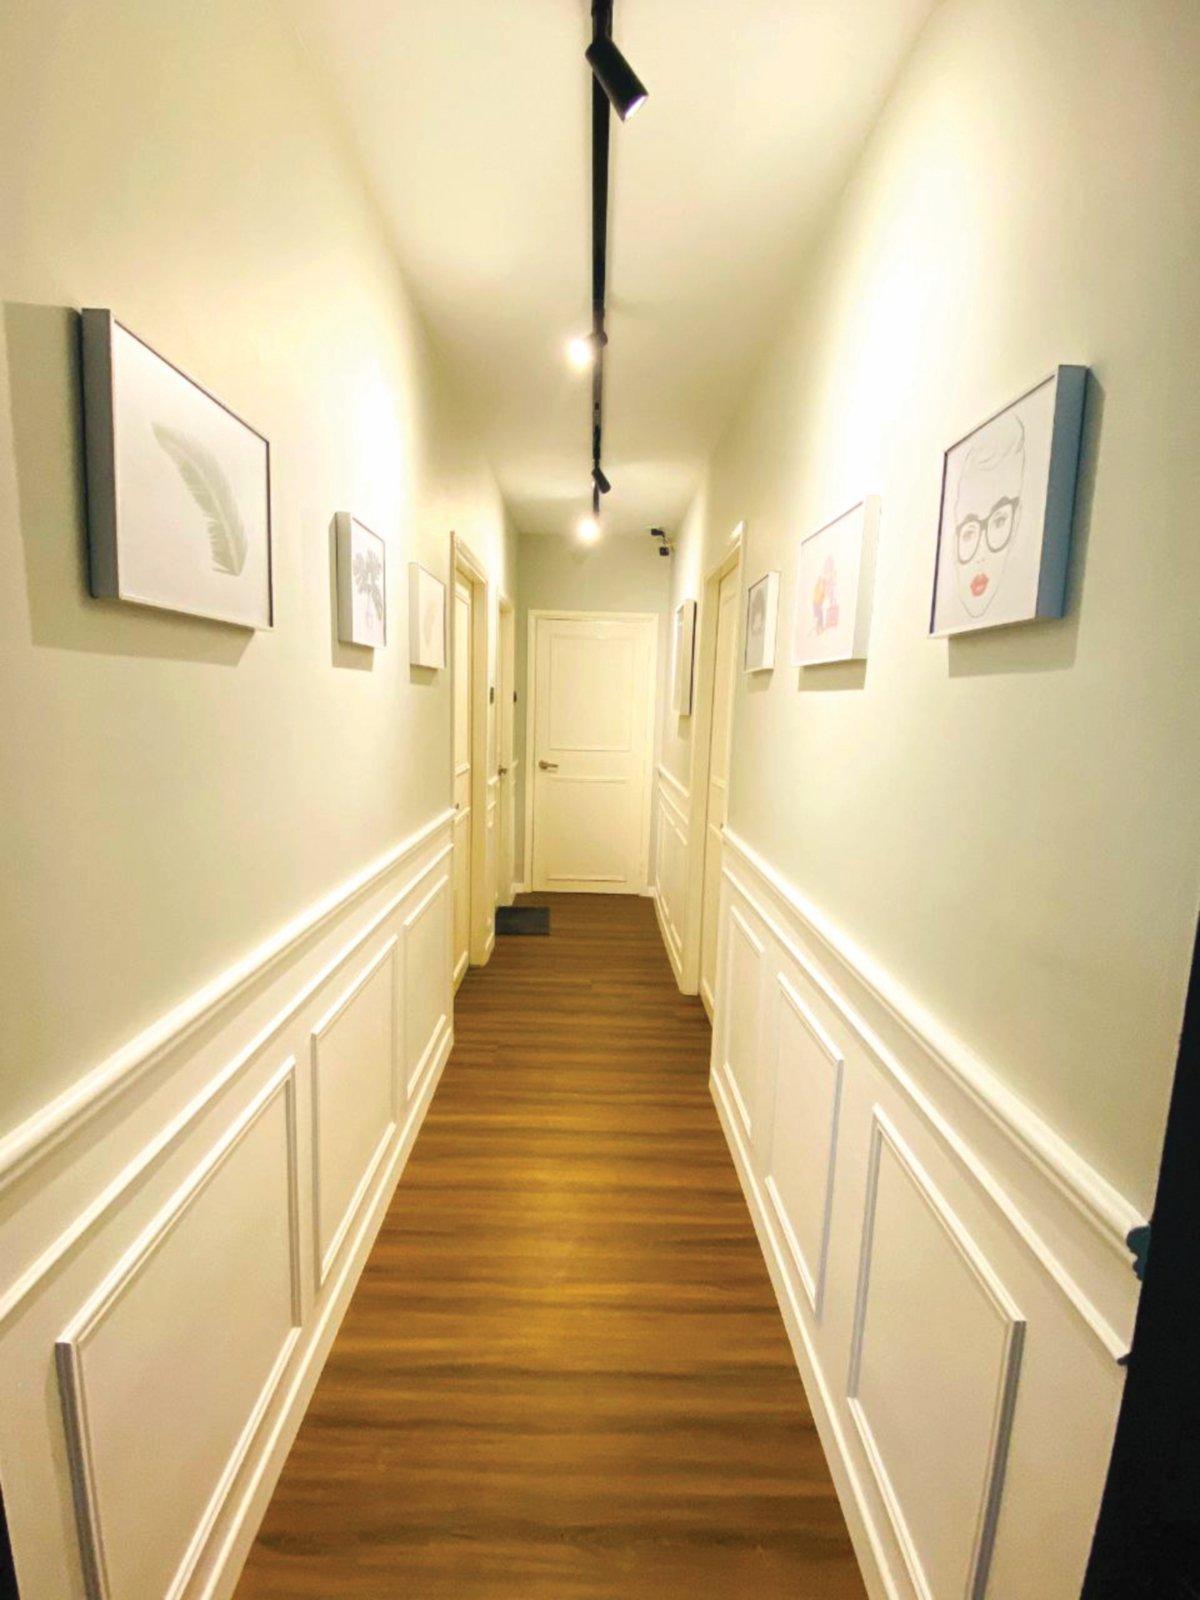 PENAL dinding yang dibuat sendiri Rafiuddin menyerikan lagi laluan ke bilik tidur.